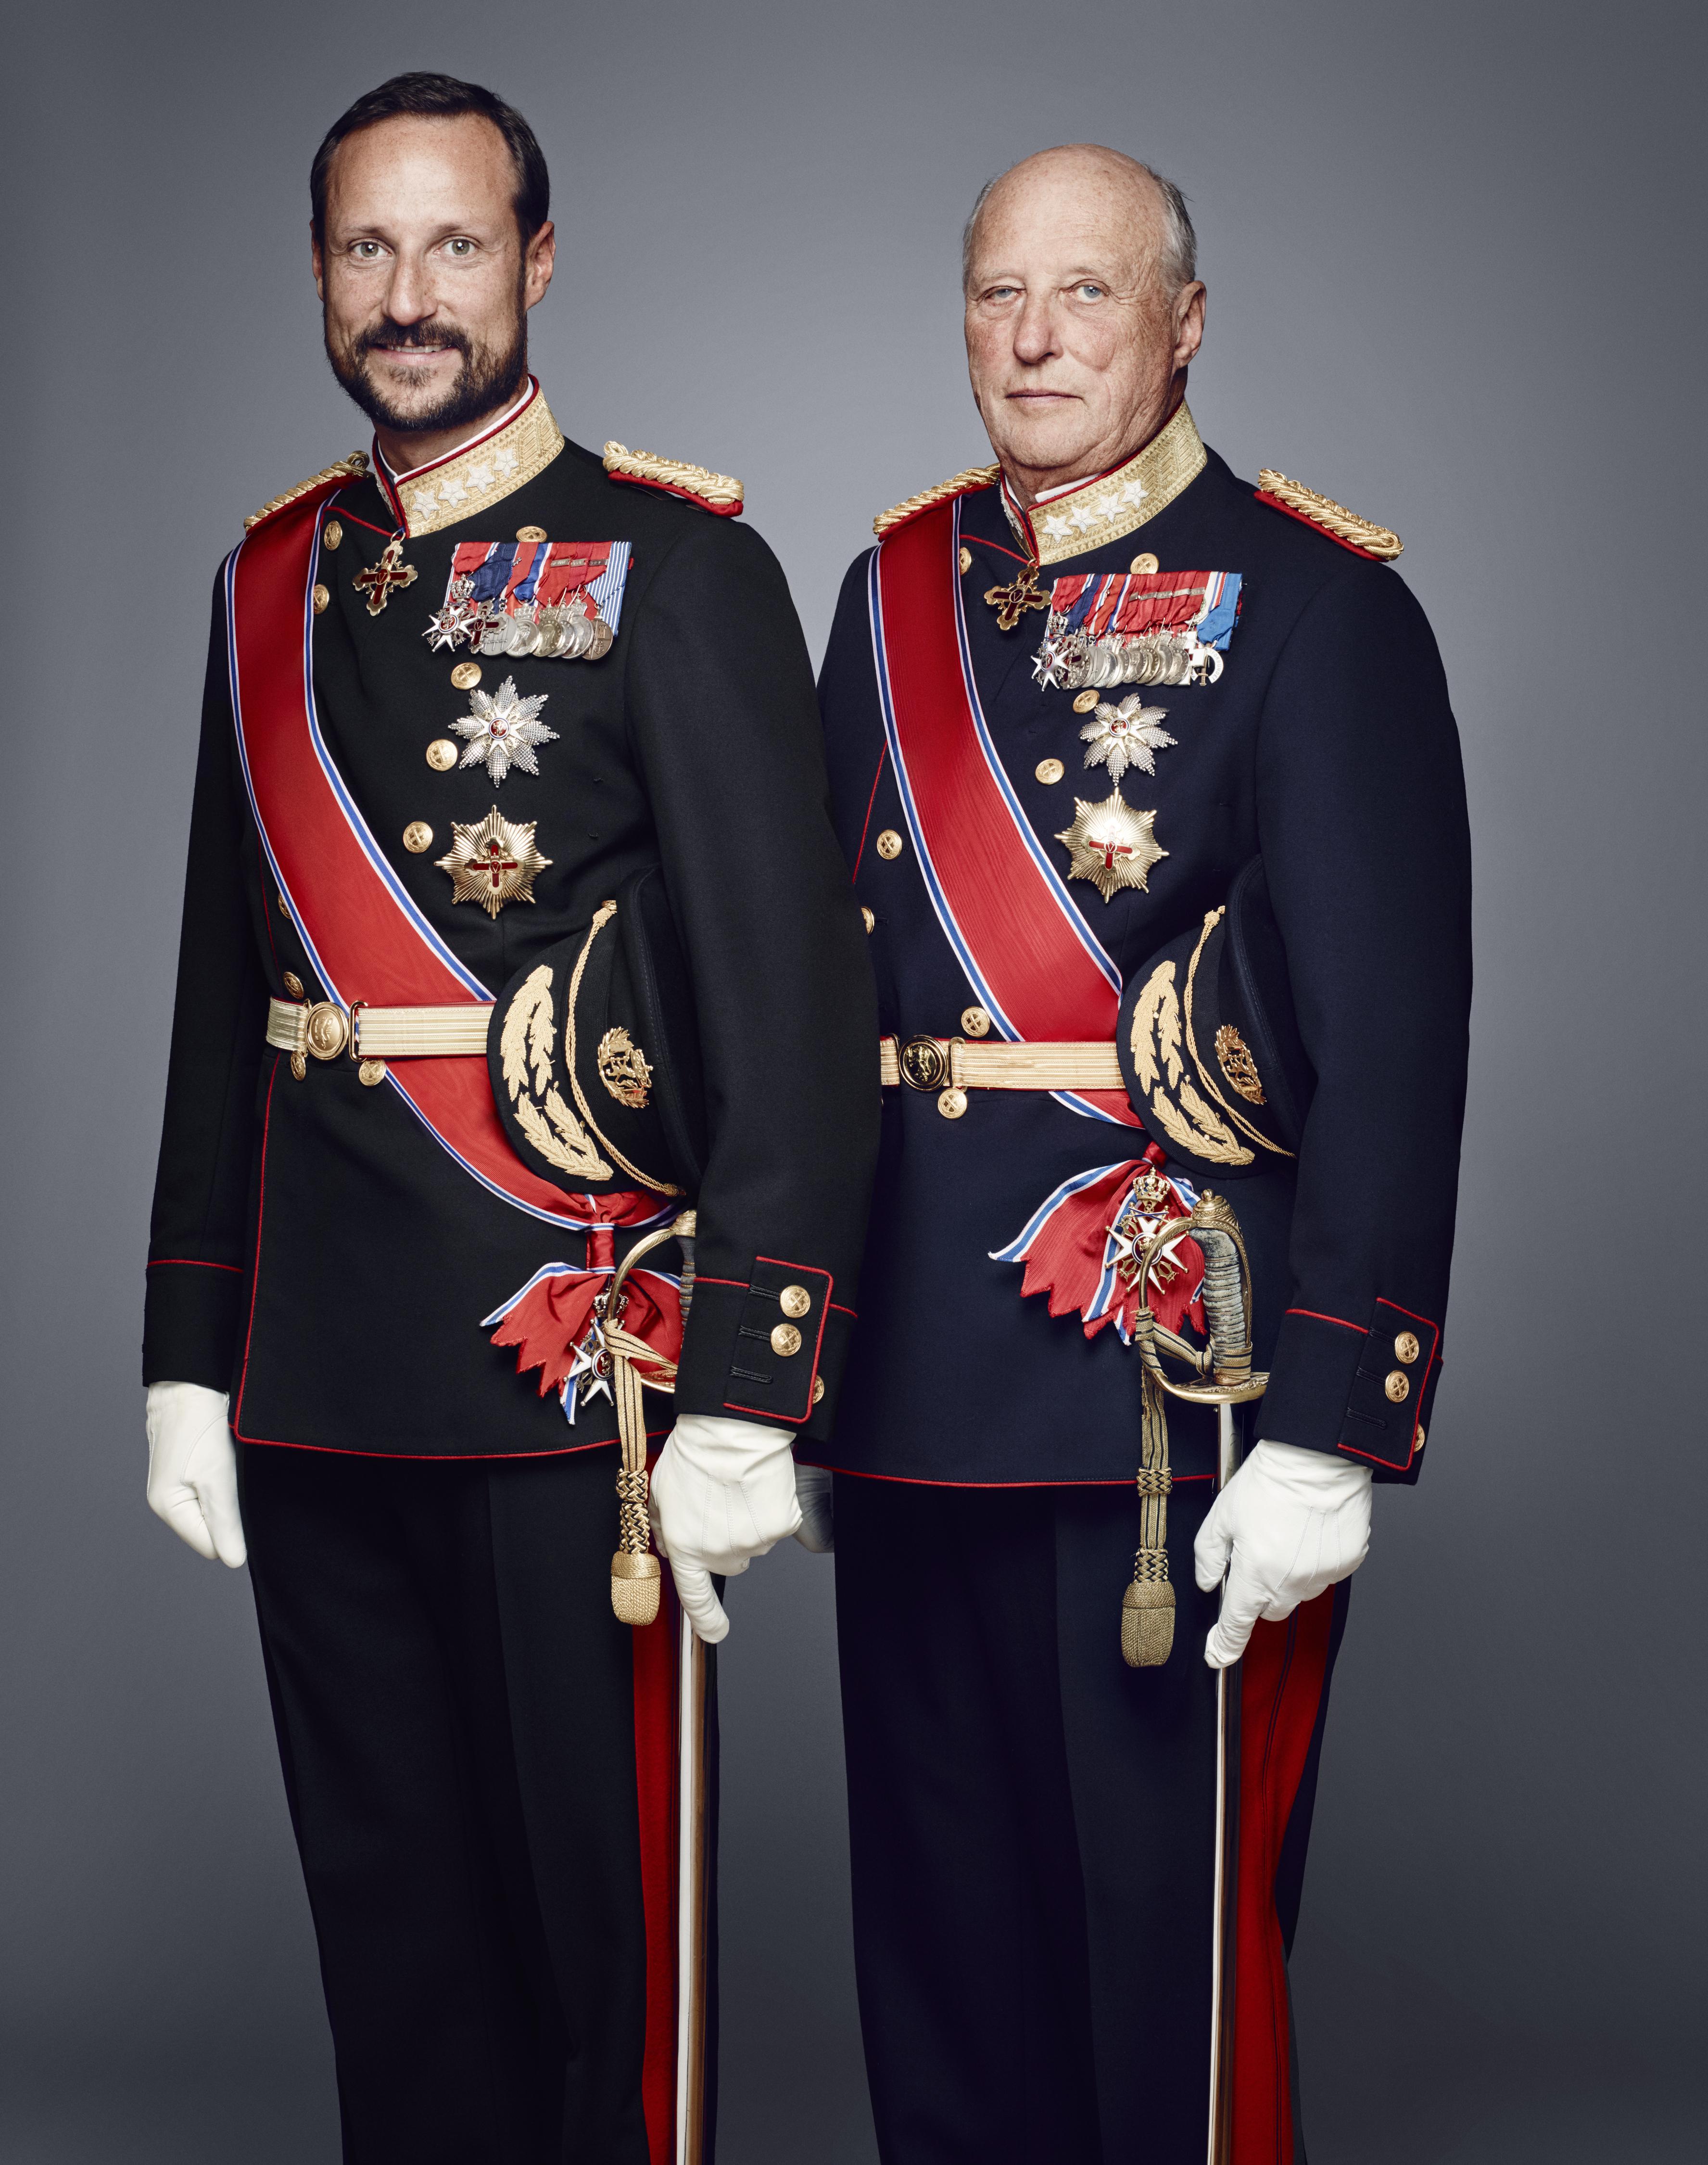 Kronprinz Haakon und König Harald